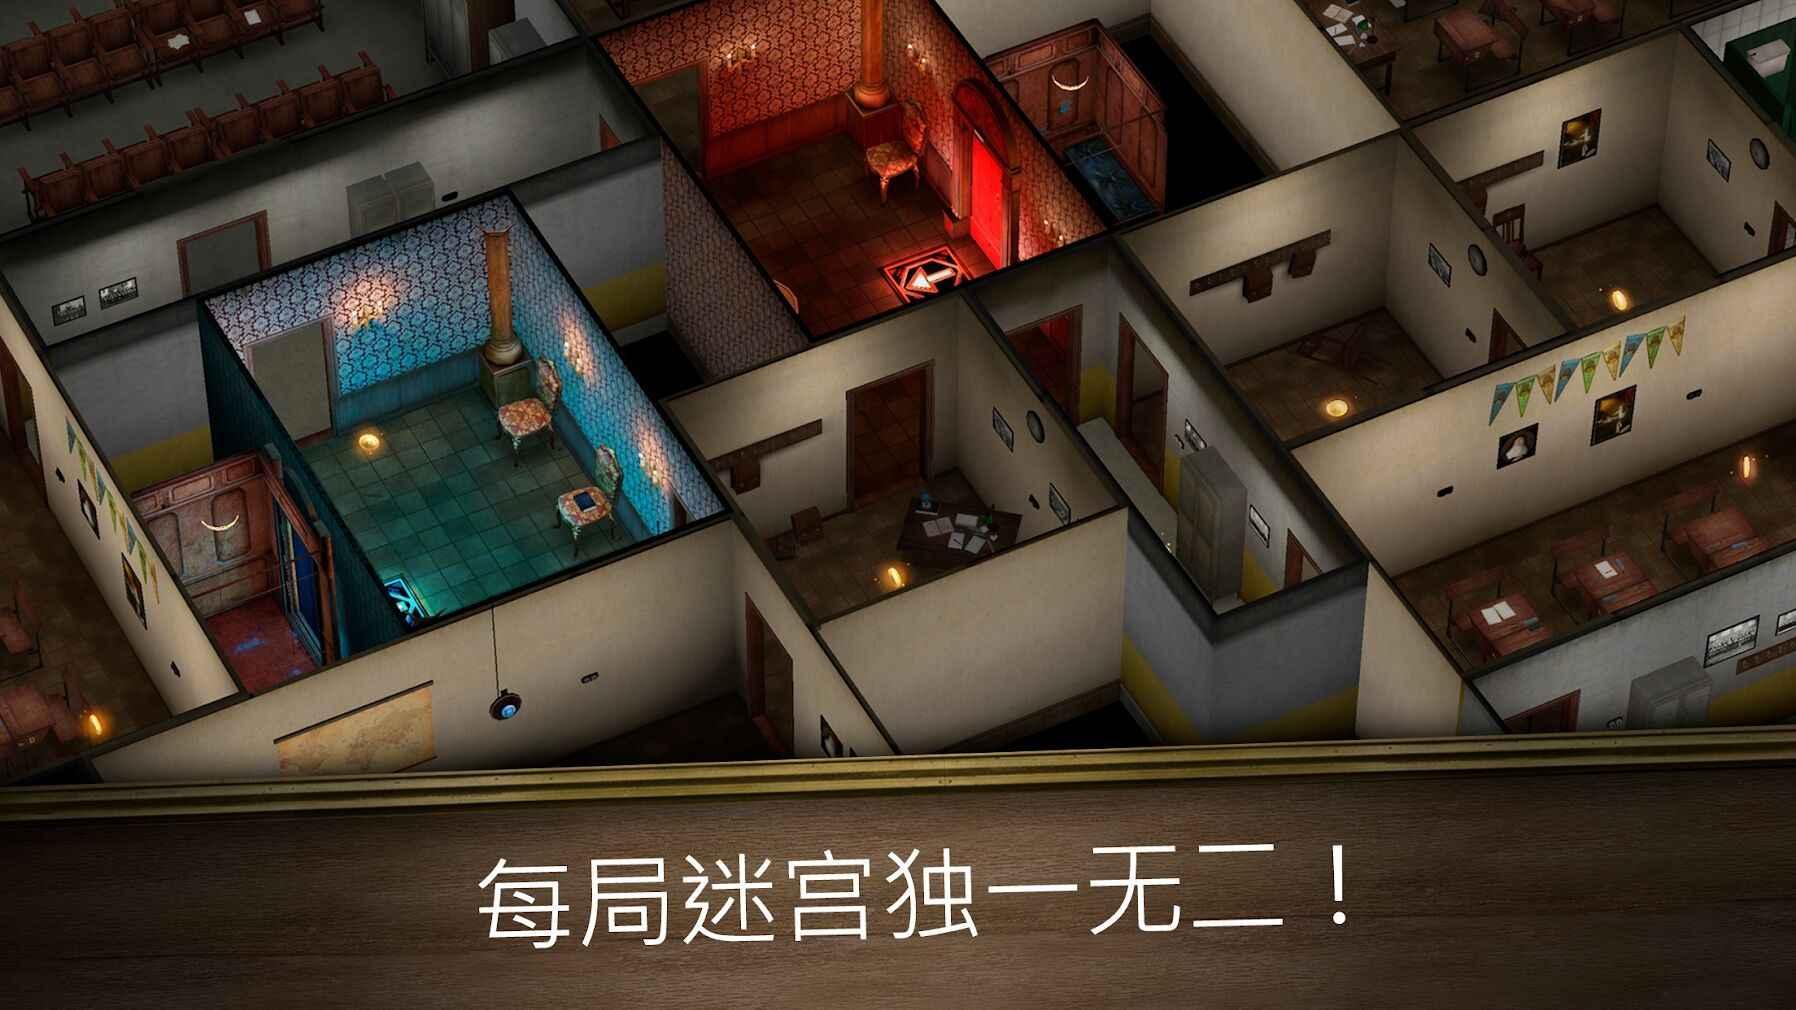 鬼修女3迷宫:无尽逃亡中文版安卓下载